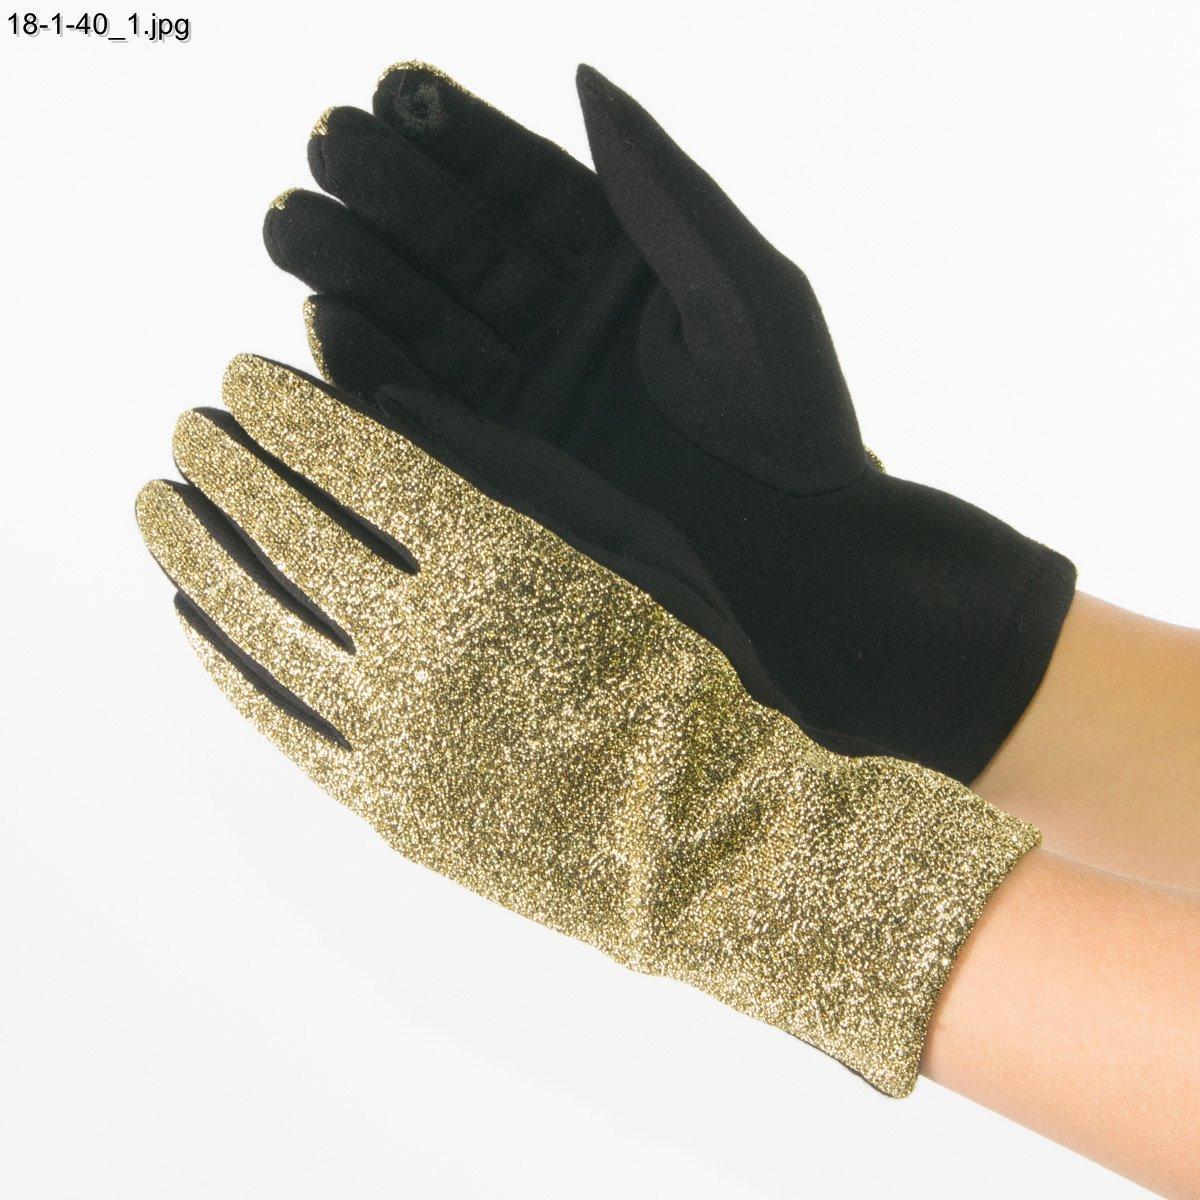 Женские трикотажные перчатки для сенсорных телефонов - №18-1-40